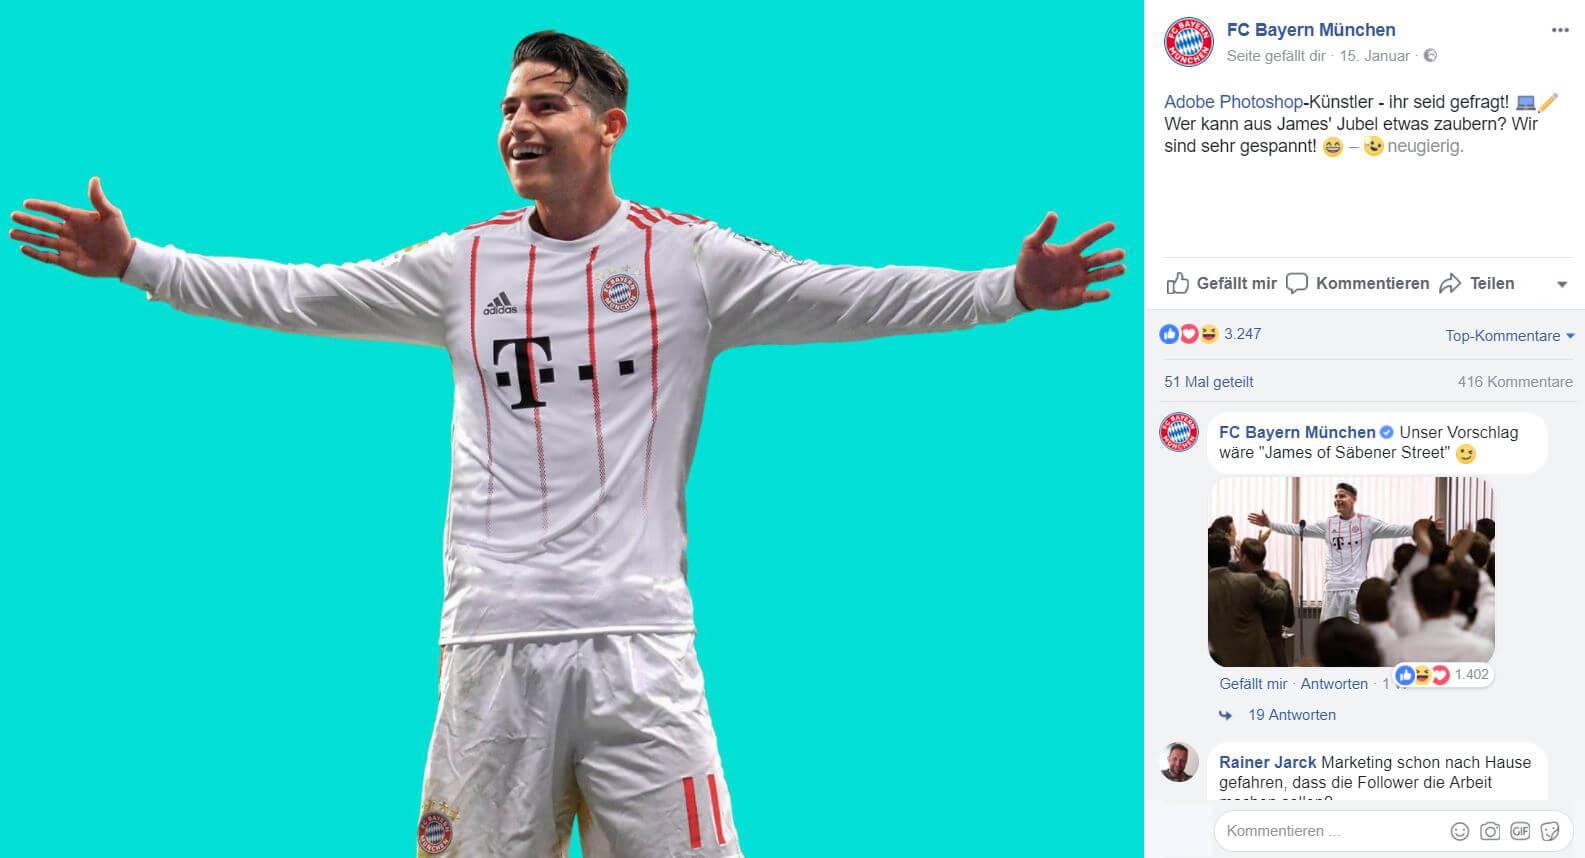 Mehr Reichweite auf Facebook durch User Generated Content wie beim FC Bayern